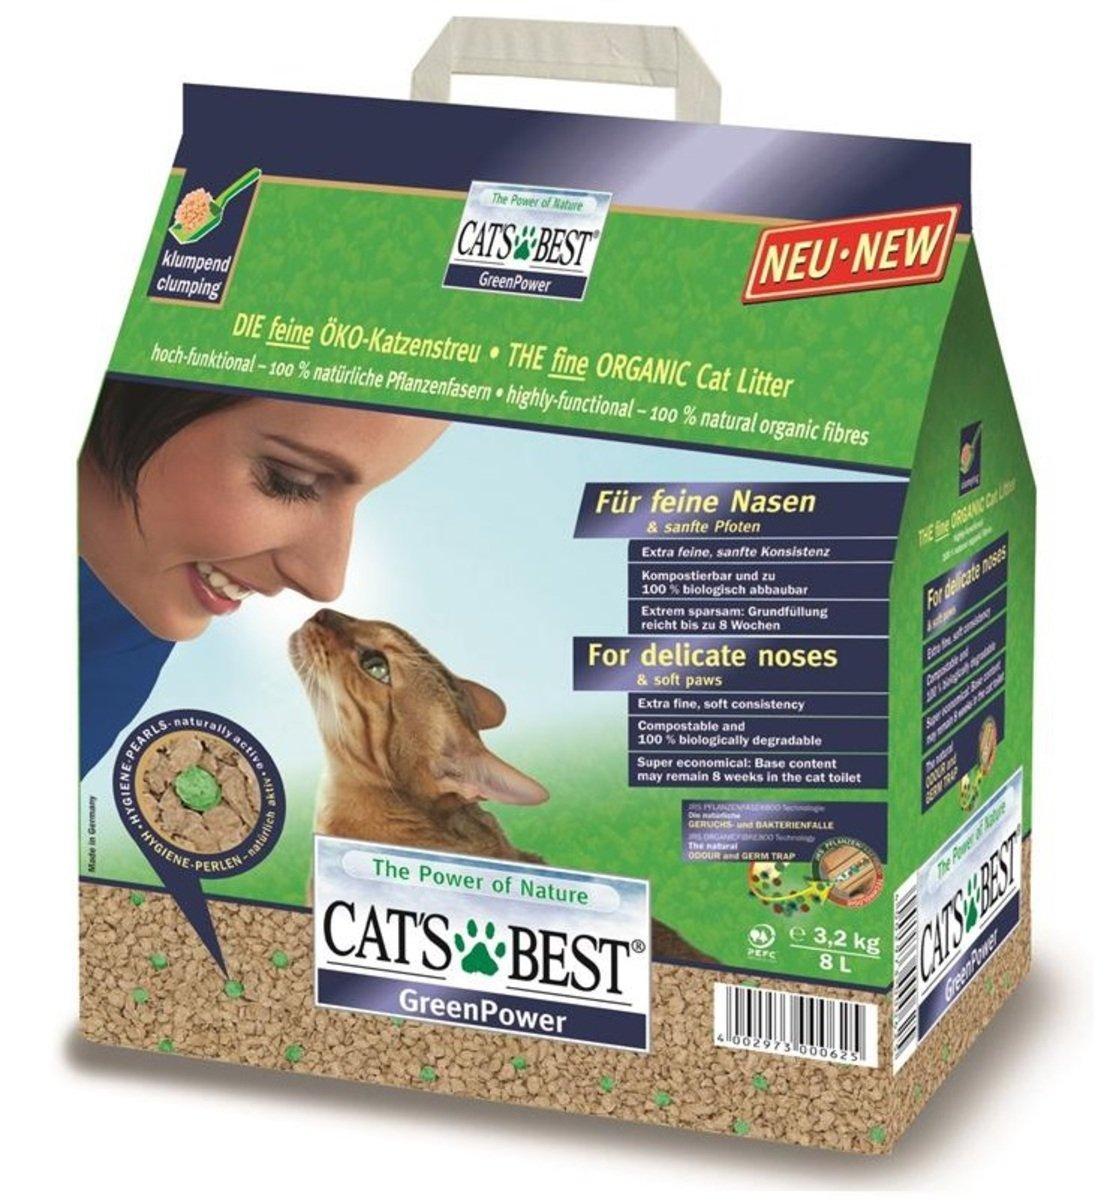 Cat's Best綠能吸臭抗菌木貓砂8L